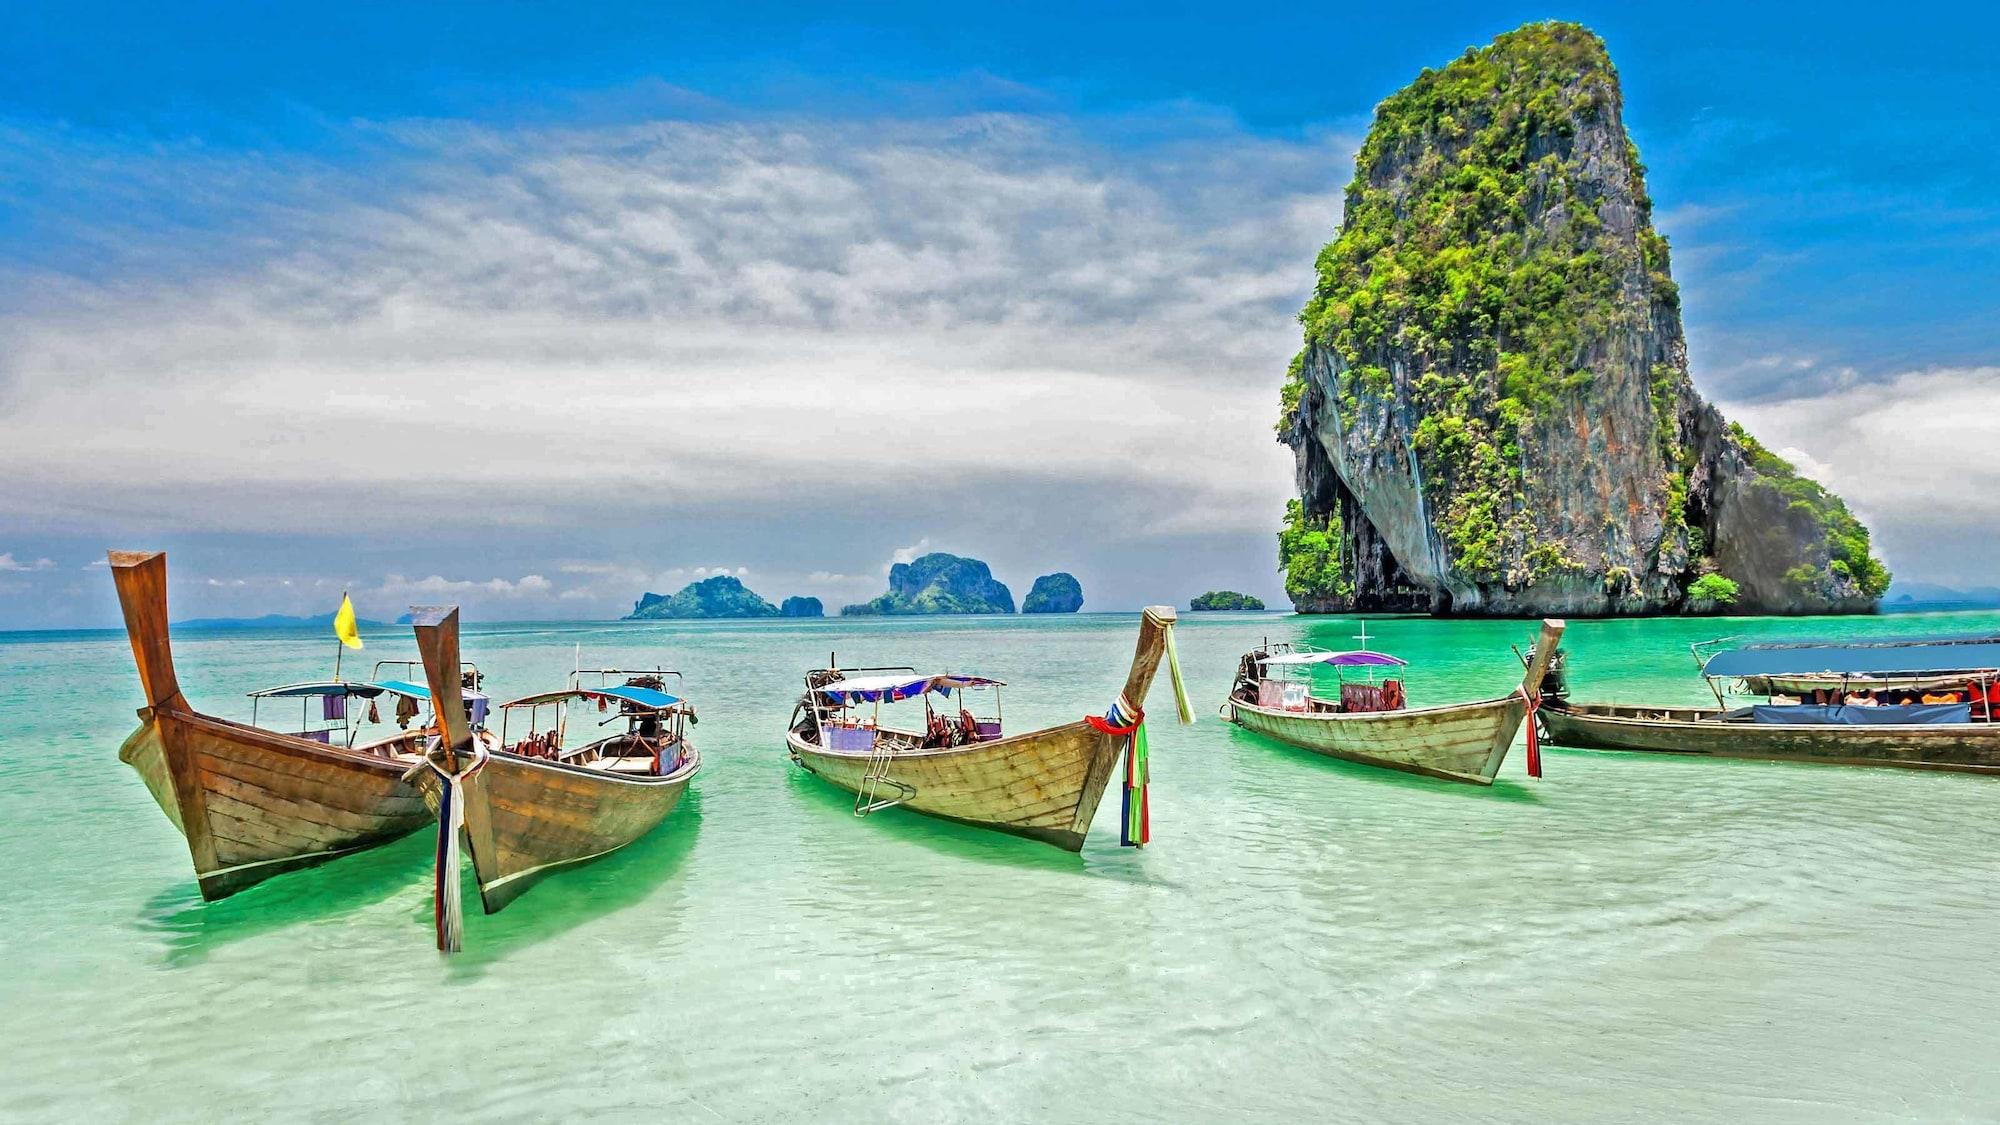 small boats anchored near shore